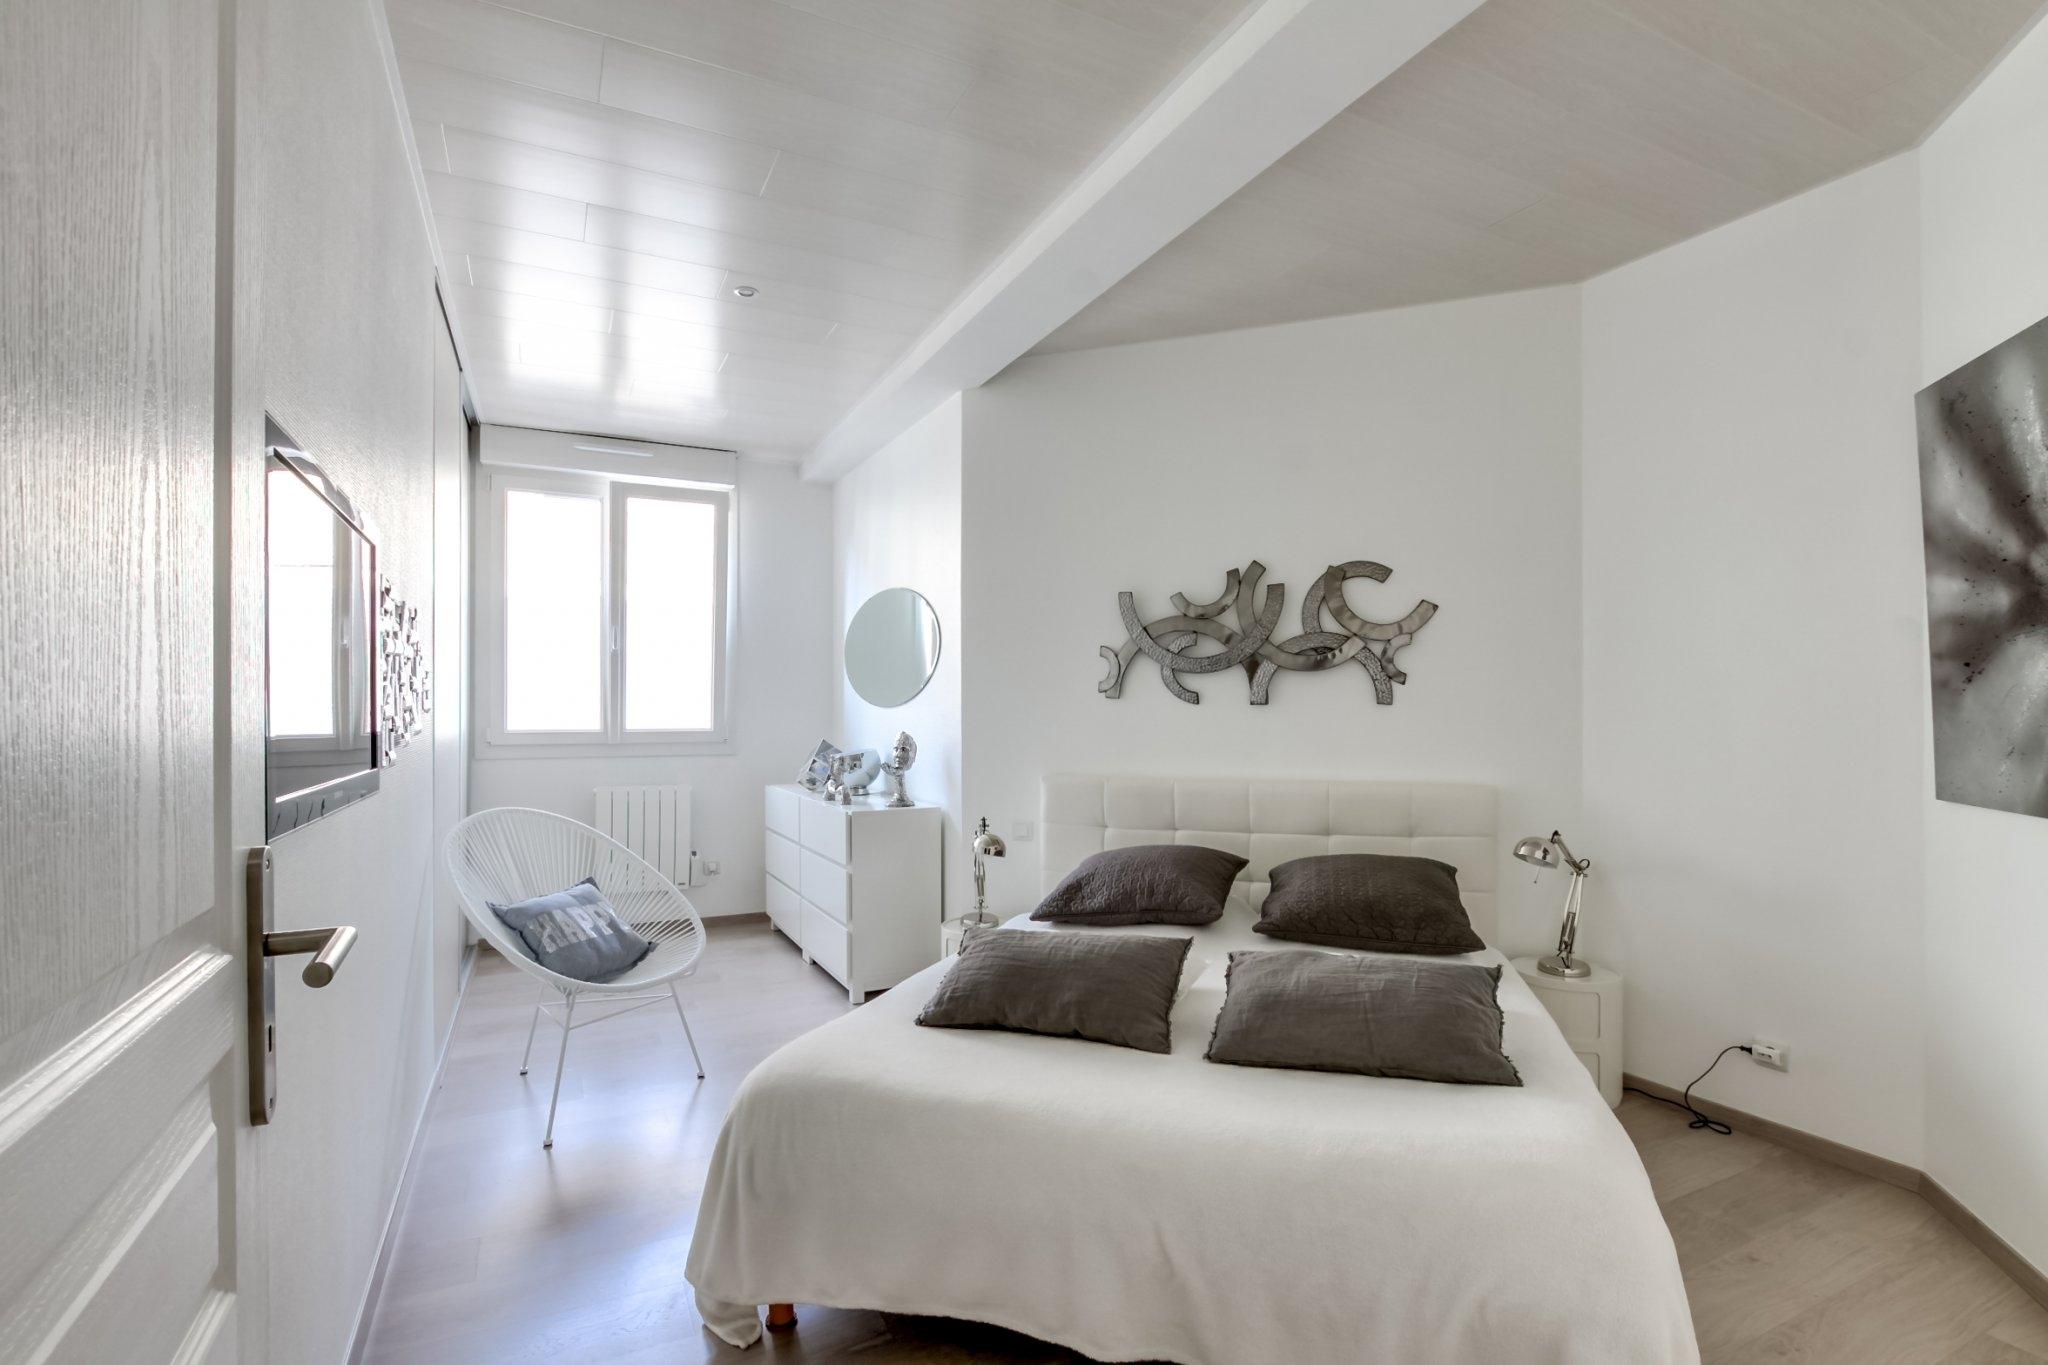 Appartement Reims 5 Pièces 179 m2 - 6